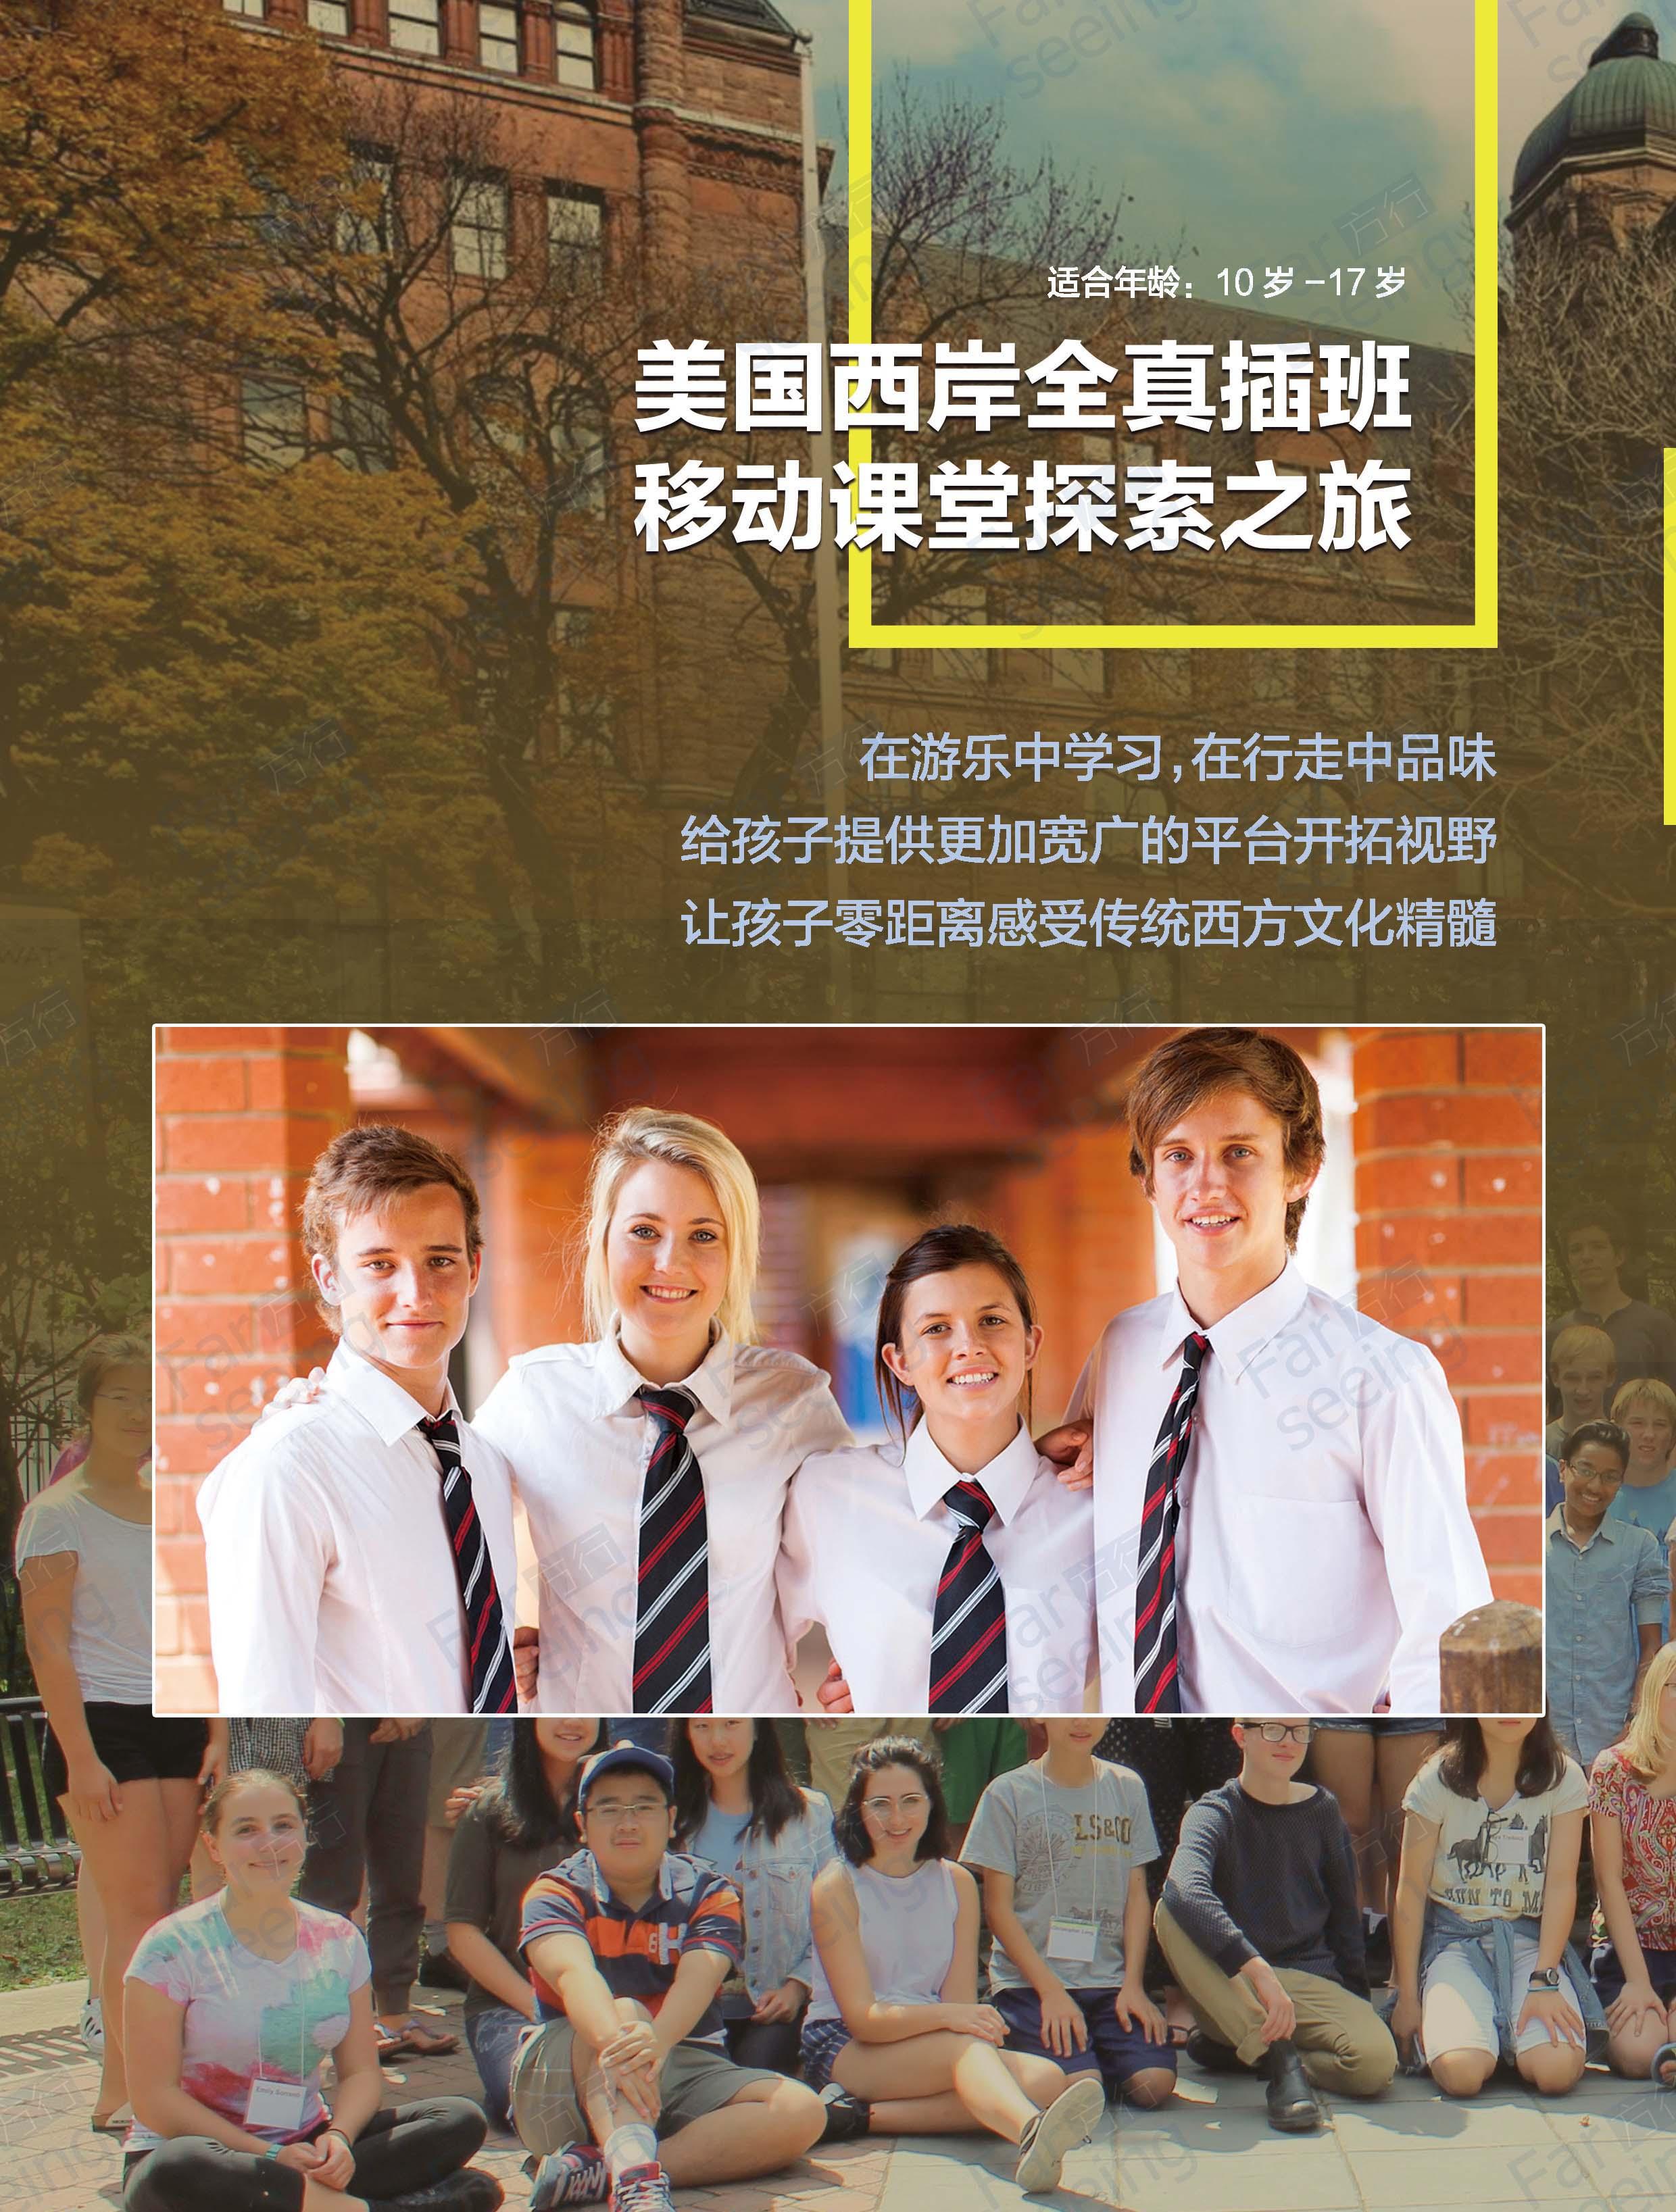 游学产品手册对外版_页面_12.jpg